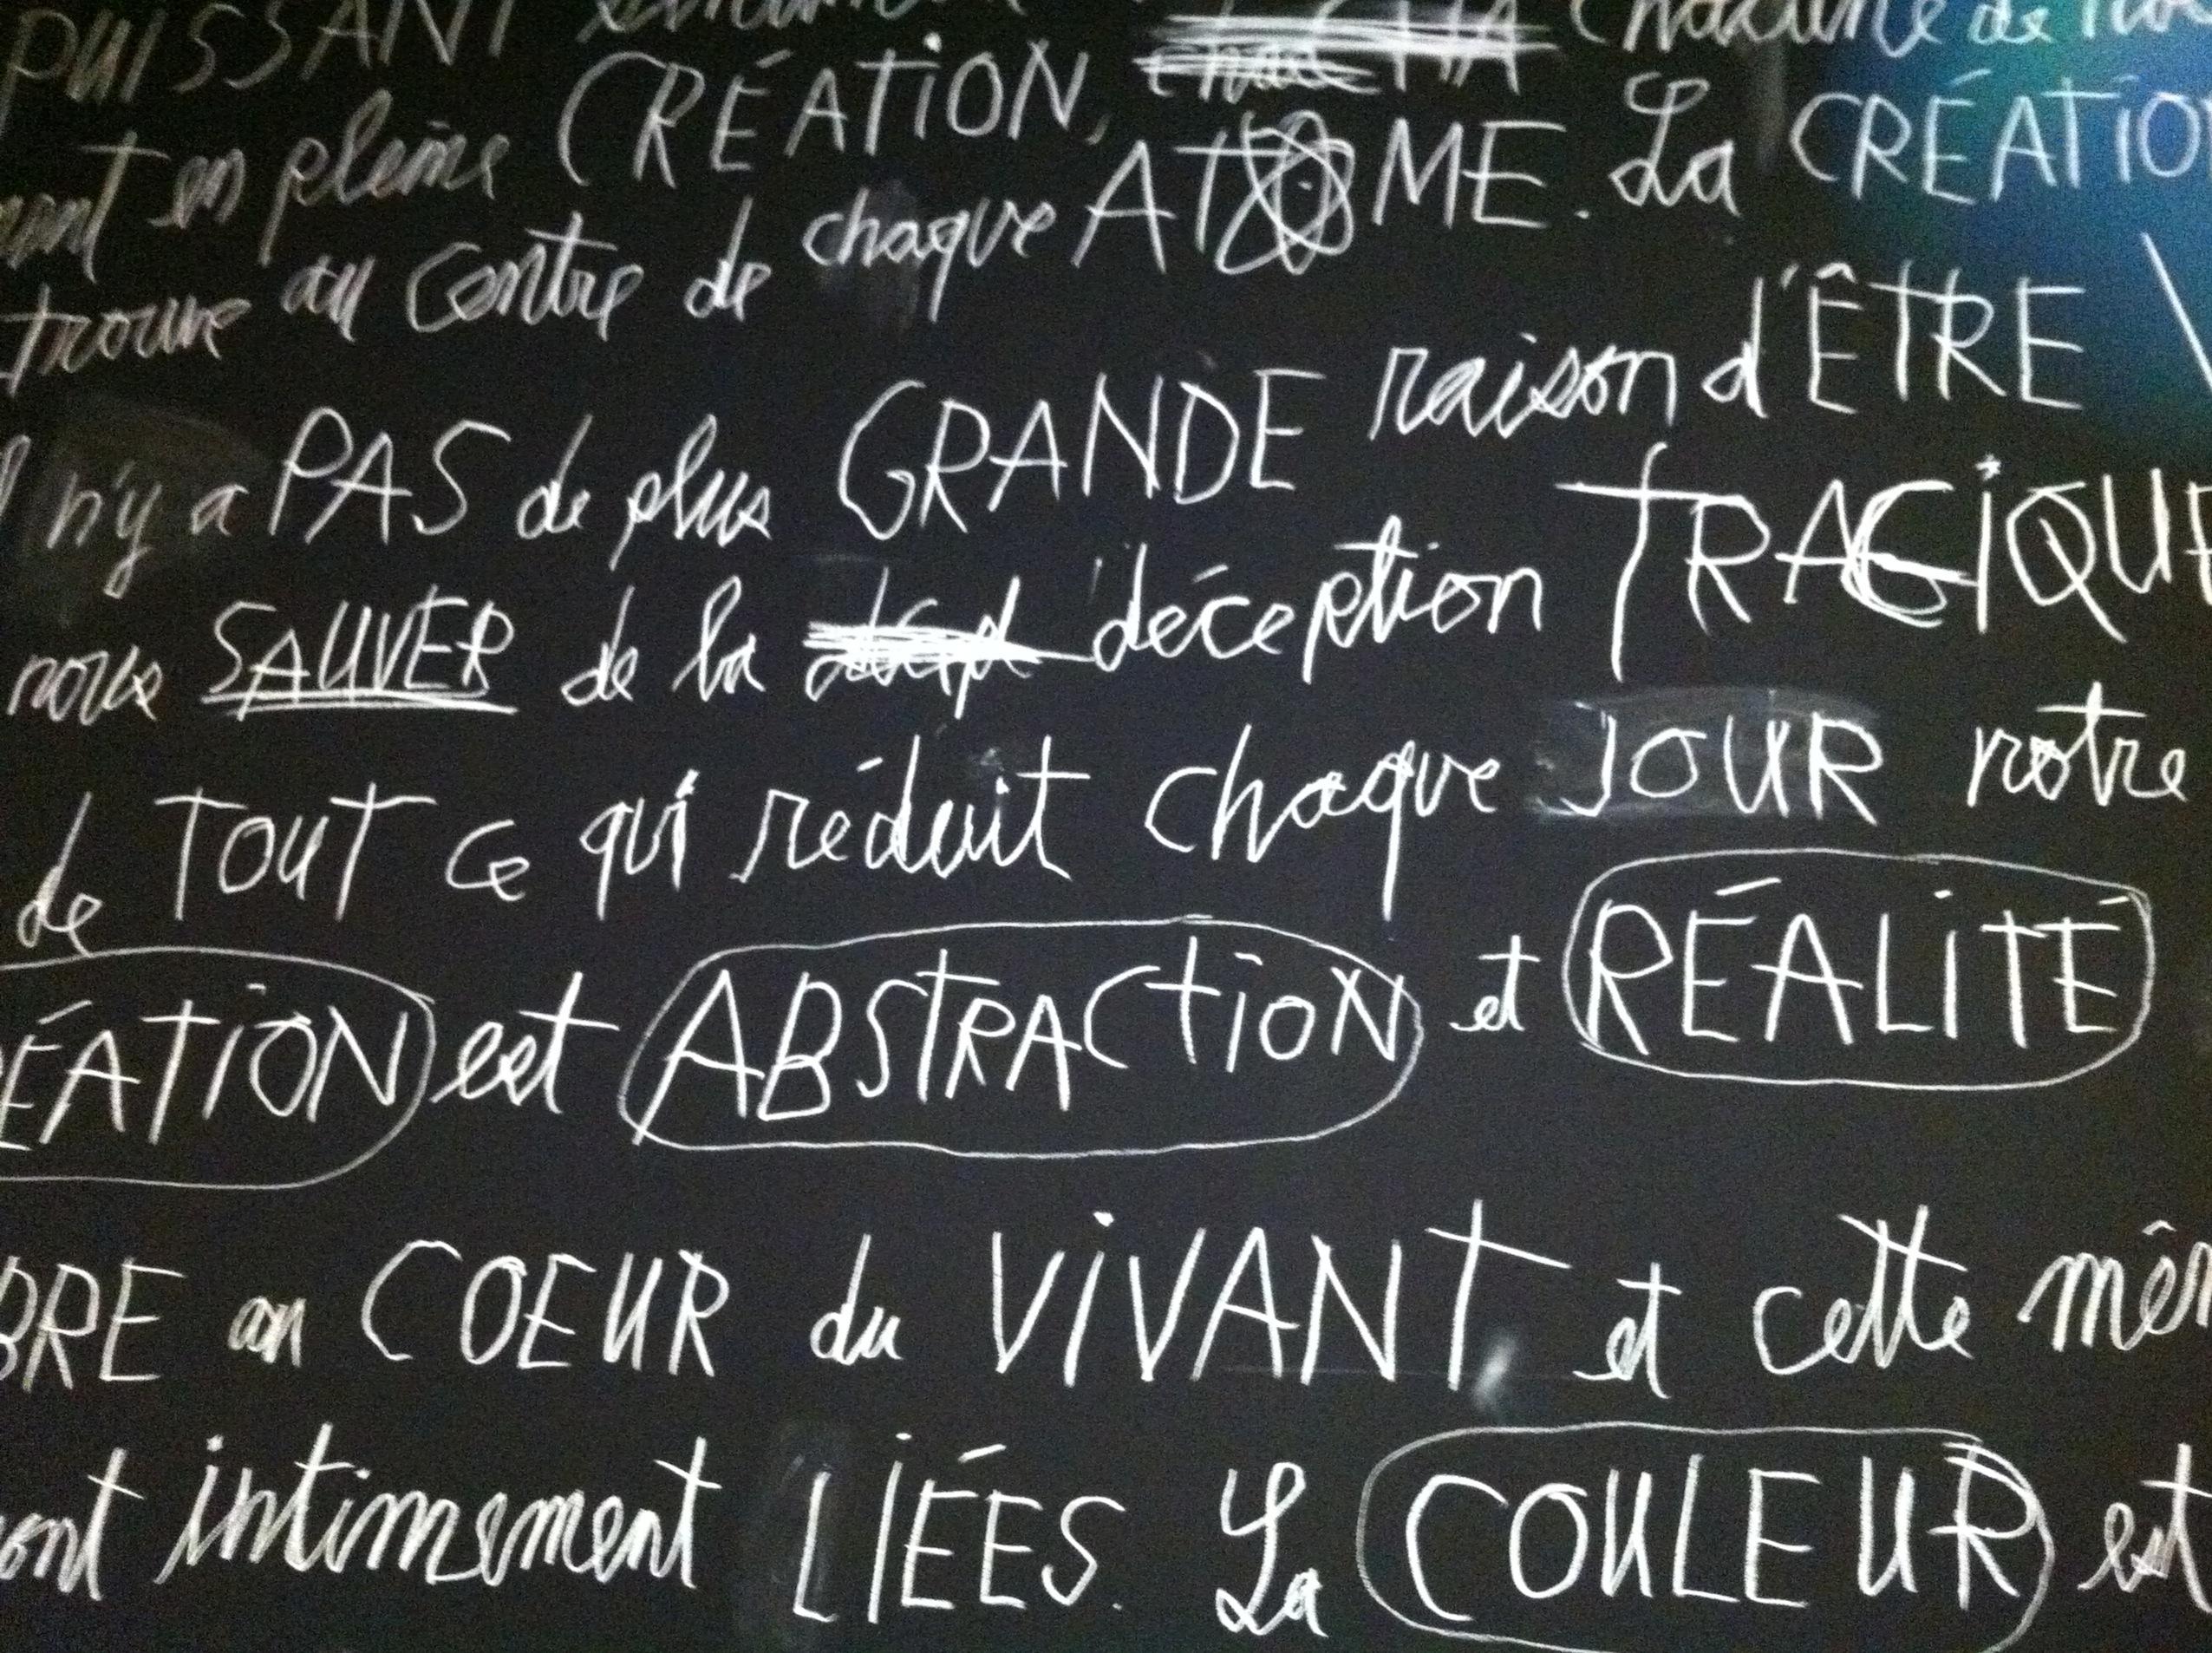 Muraille LINO, manifeste de sa pensée. Crédit photo : Simon Levesque.